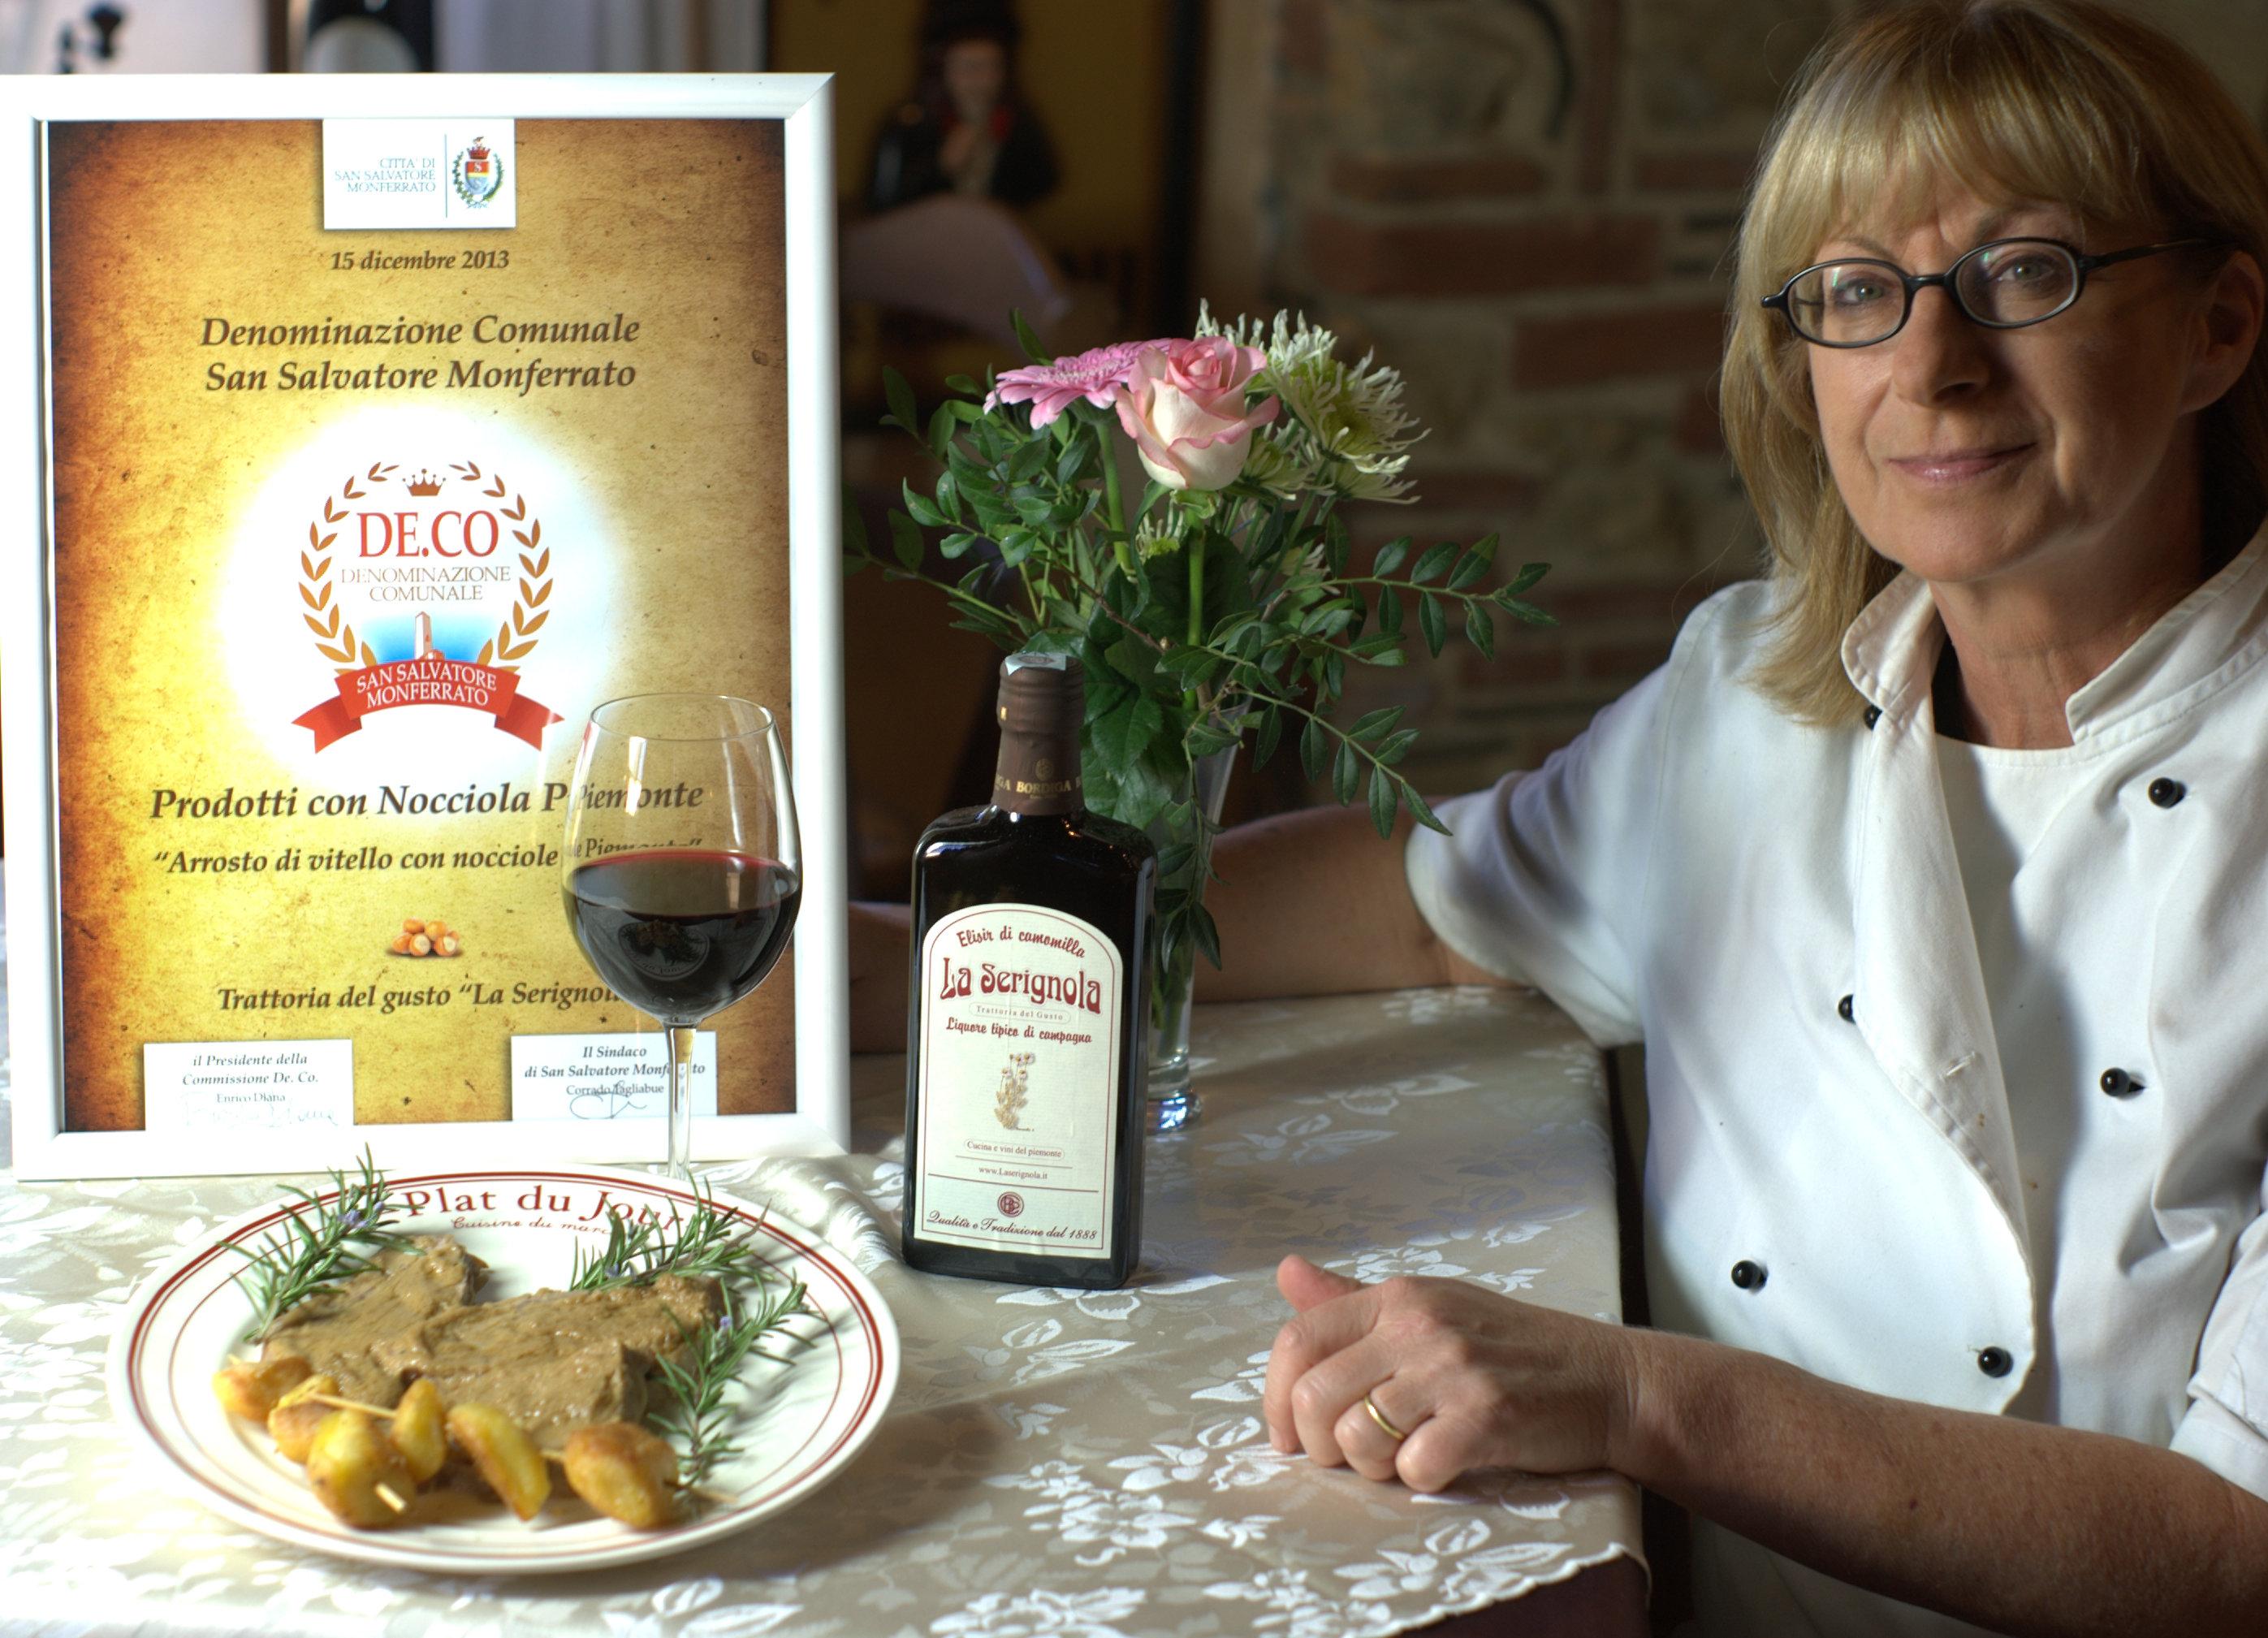 La Serignola, la trattoria del gusto